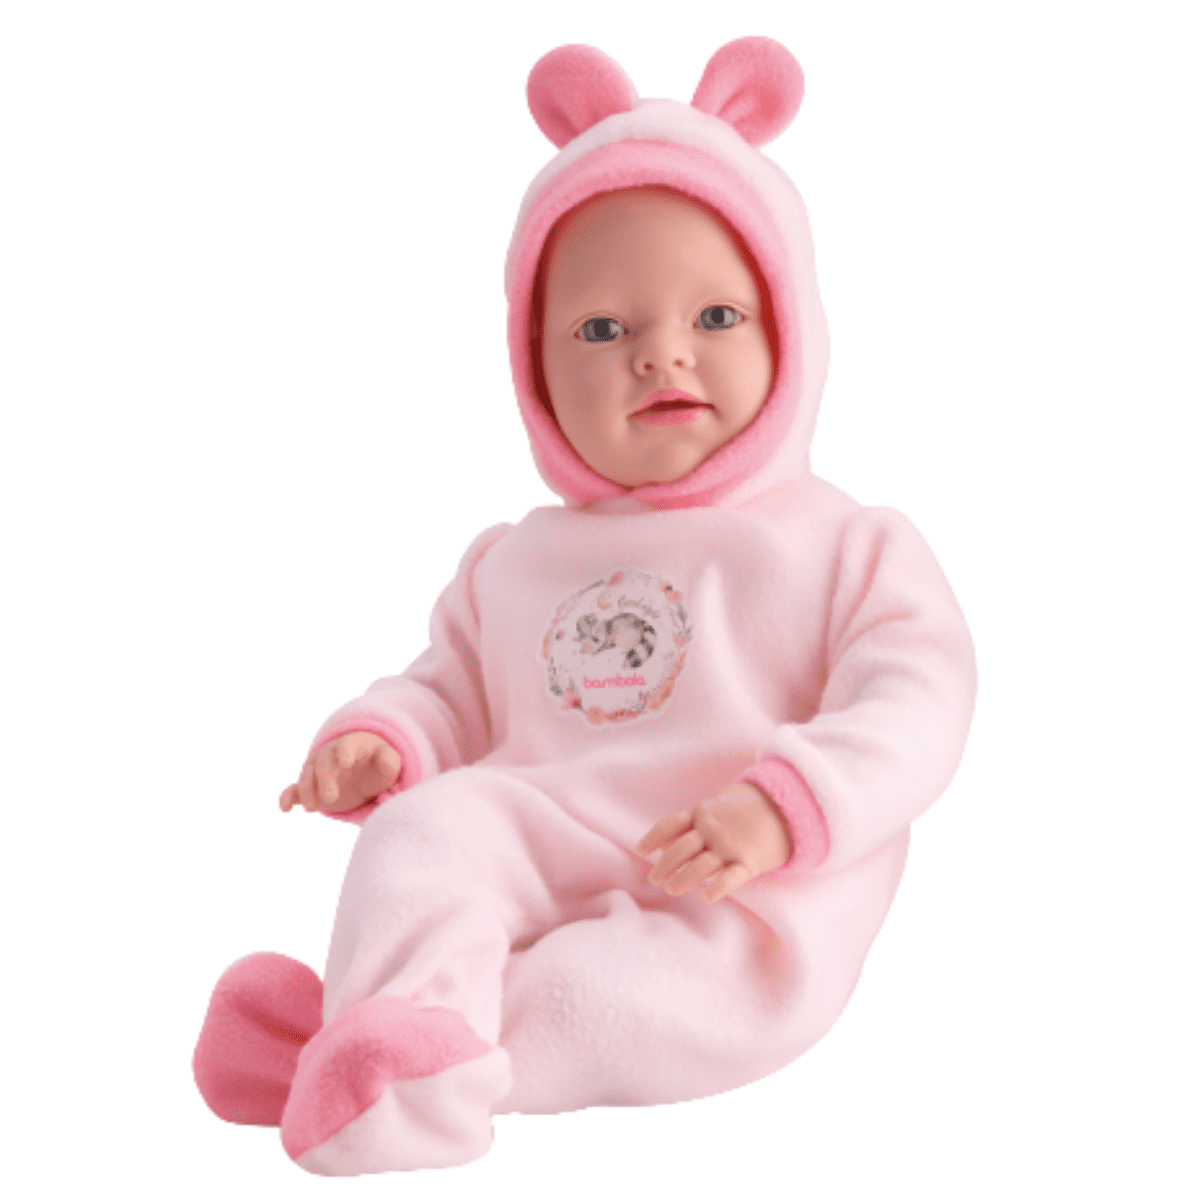 Boneca Babila Reborn Grande Linda Fala Frases - Bambola